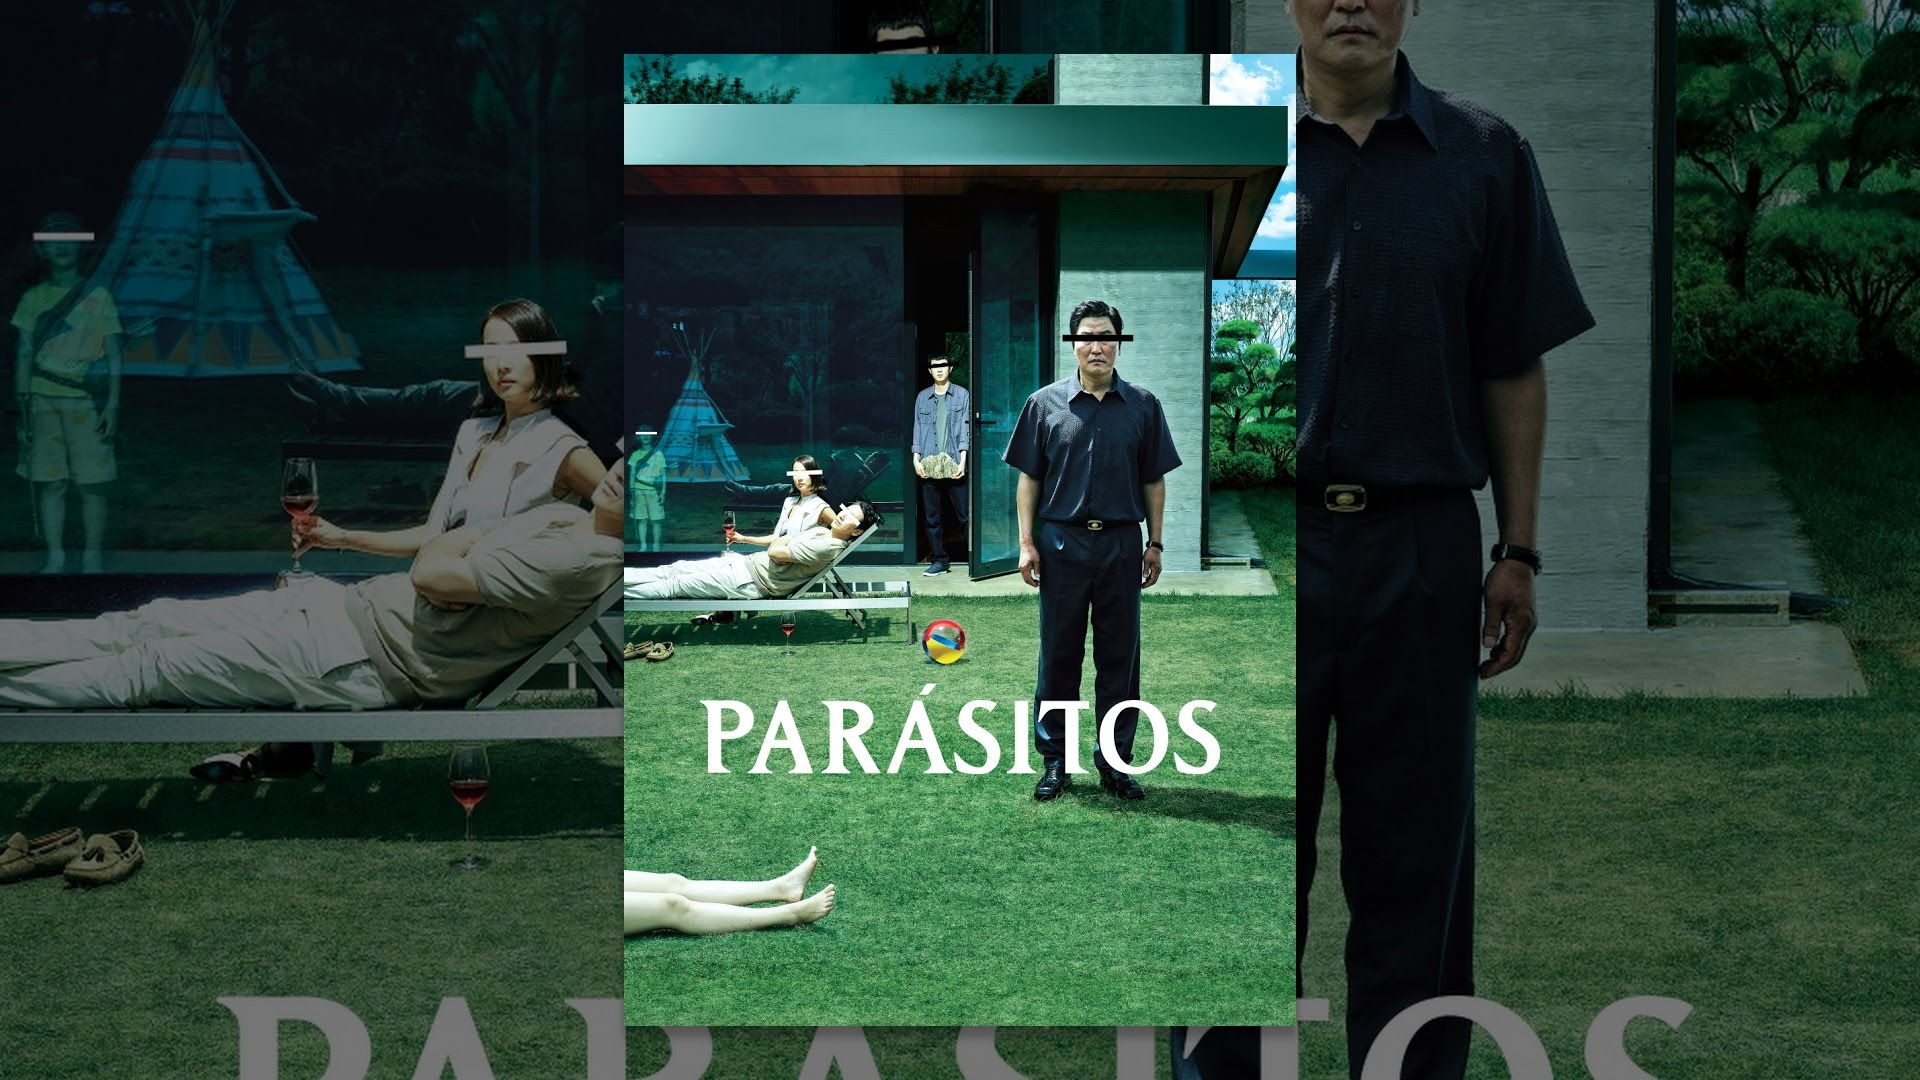 Aszcariasis gyermekkezelő fórumon - Milyen paraziták veszélyesek